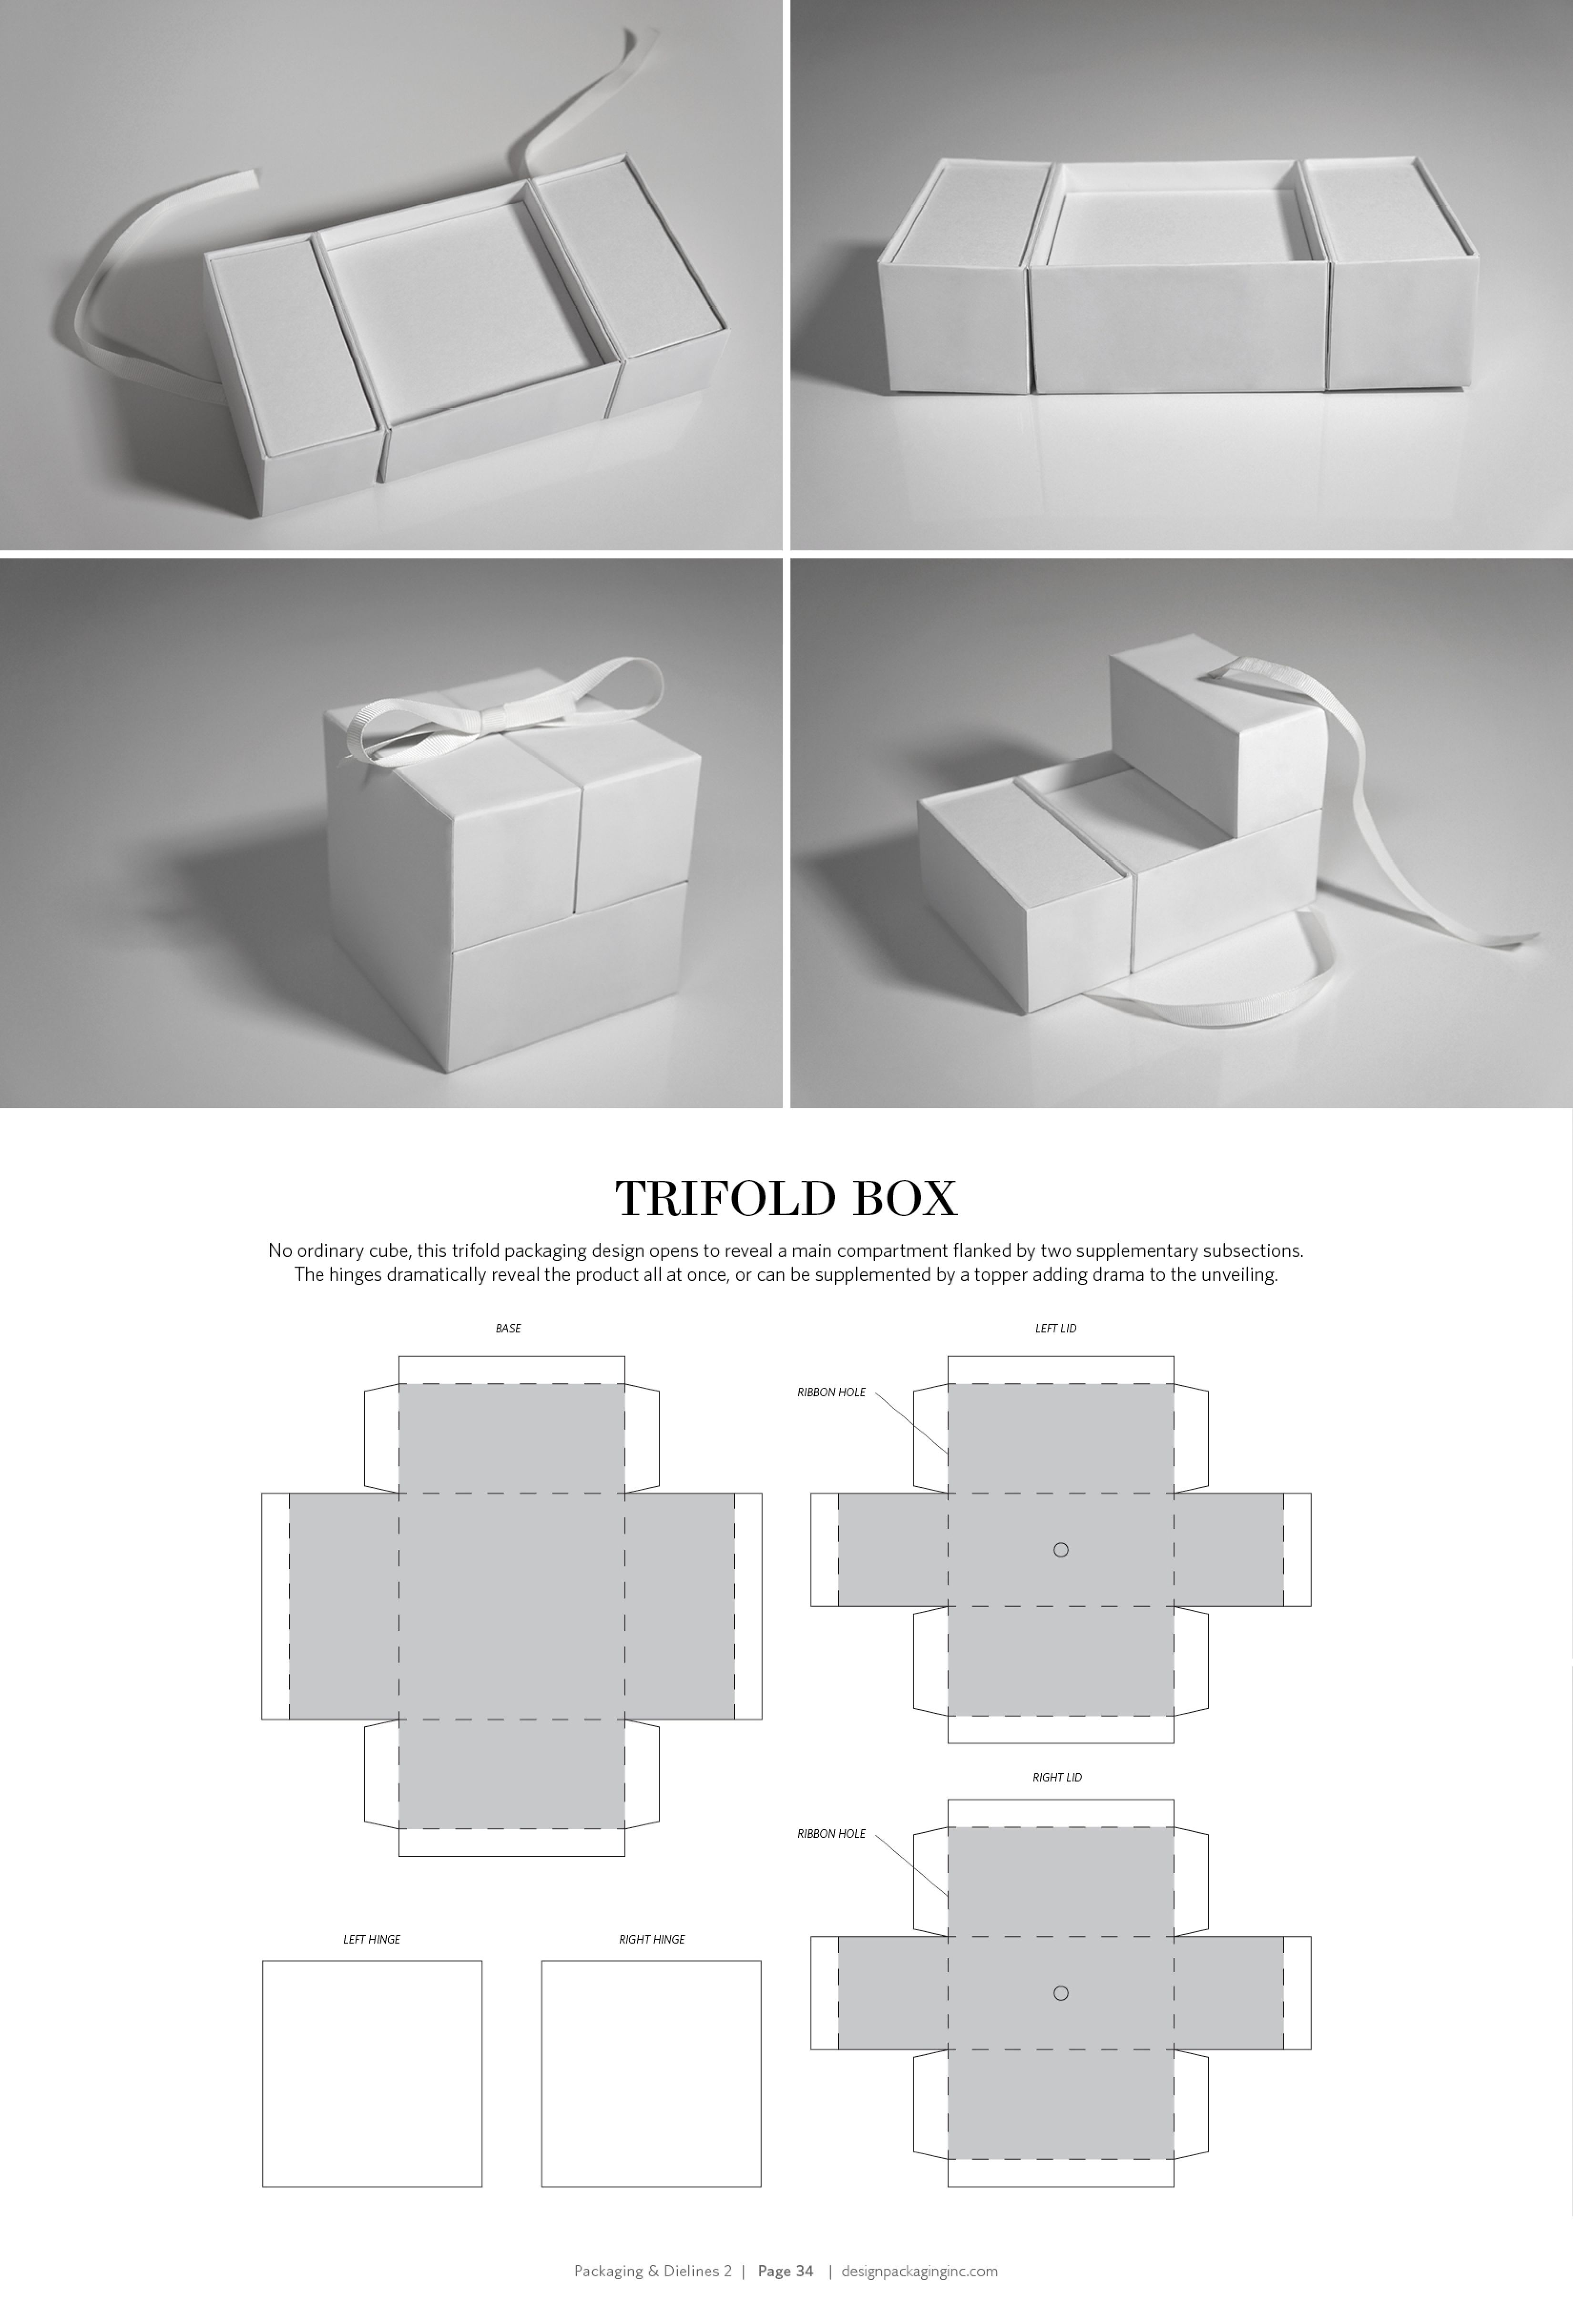 Packaging Dielines Ii The Designer S Book Of Packaging Dielines Packaging Dielines Packaging Design Packaging Diy